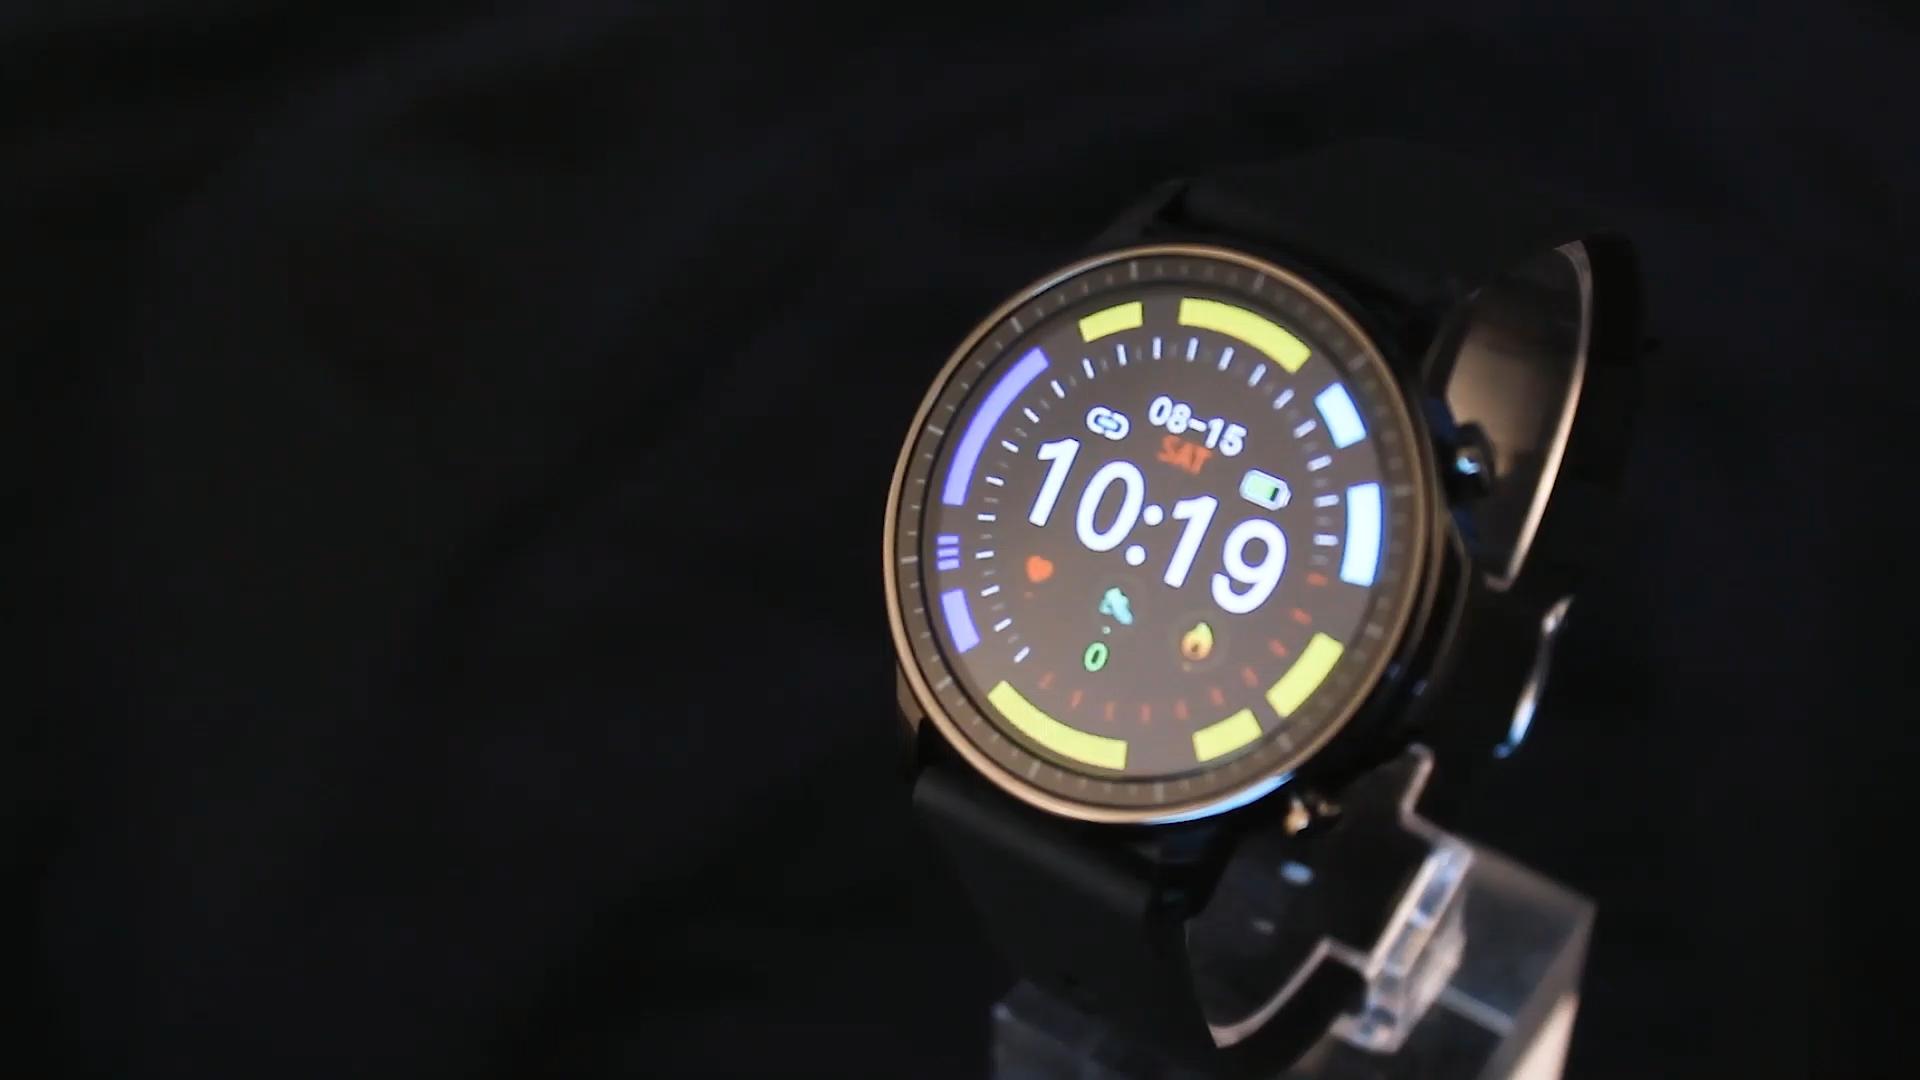 COLMI V23Pro Temperatur Smartwatch Wasserdichte IP67 Bluetooth 5,0 Spiel Fitness Herz Rate Uhren Inteligentes Smart Uhr